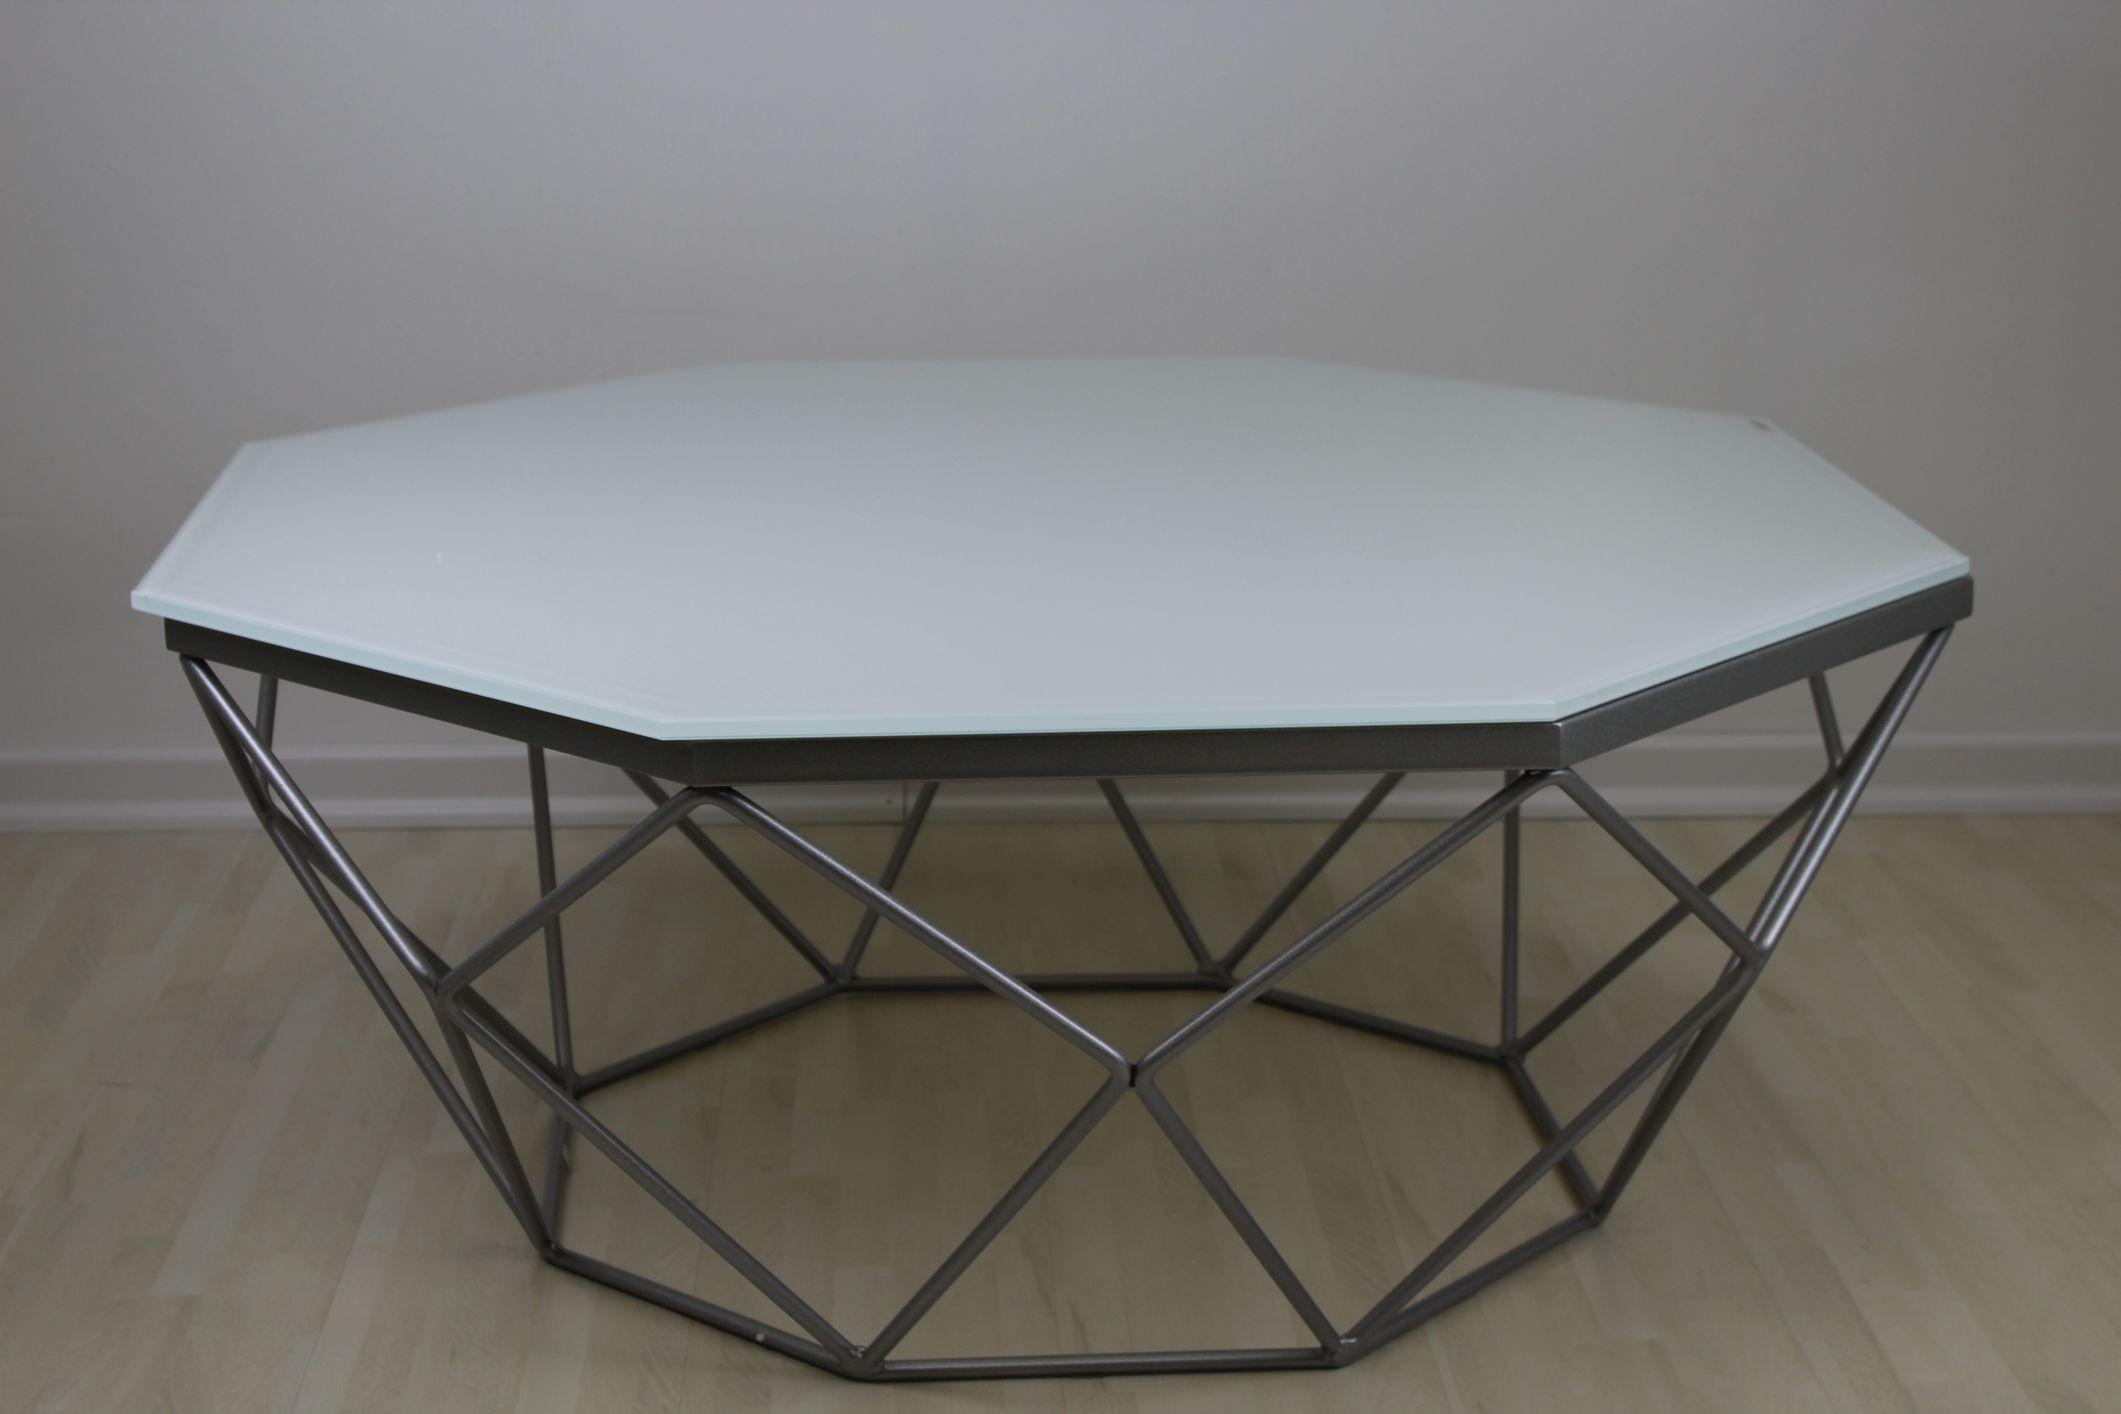 Teppiche Möbel Online Kaufen Decopoint Online Shop Couchtisch